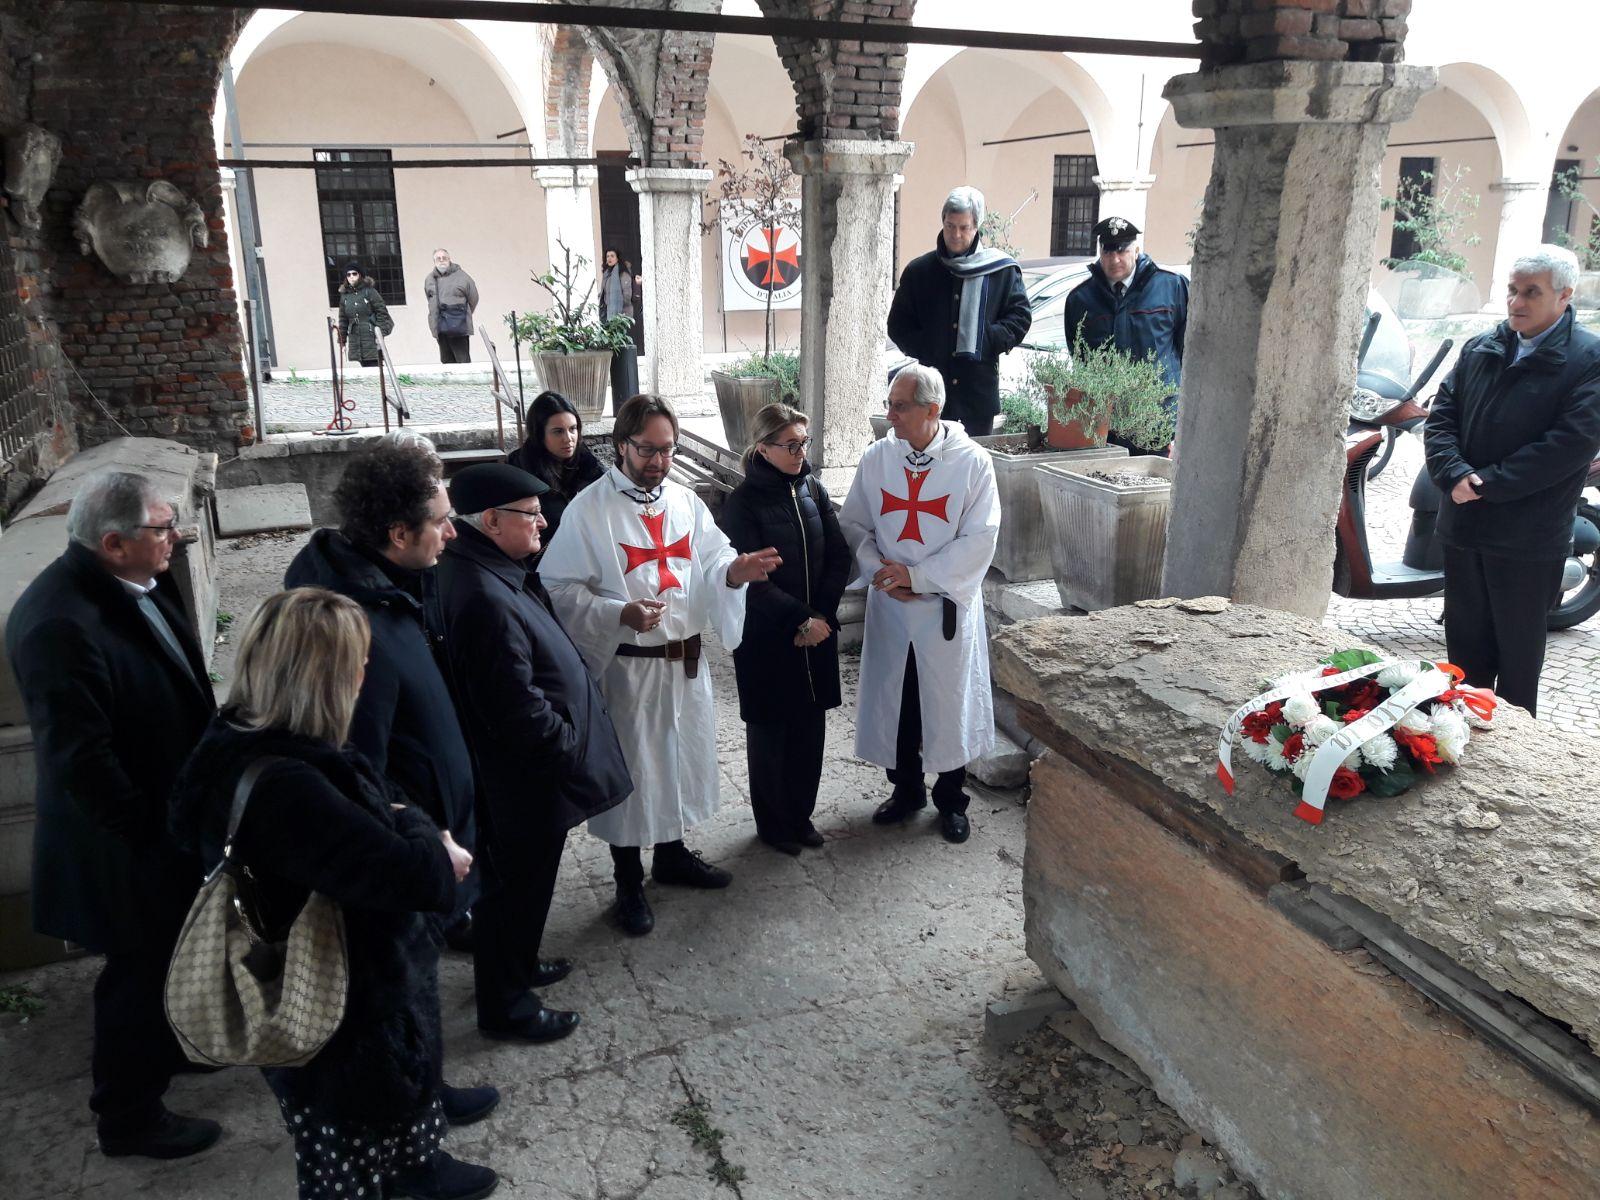 Visita alla Chiesa dei Santi Fermo e Rustico di S.E. Il Vescovo di Verona Mons. Giuseppe Zenti e di tutte le autorità provinciali Civili e Militari